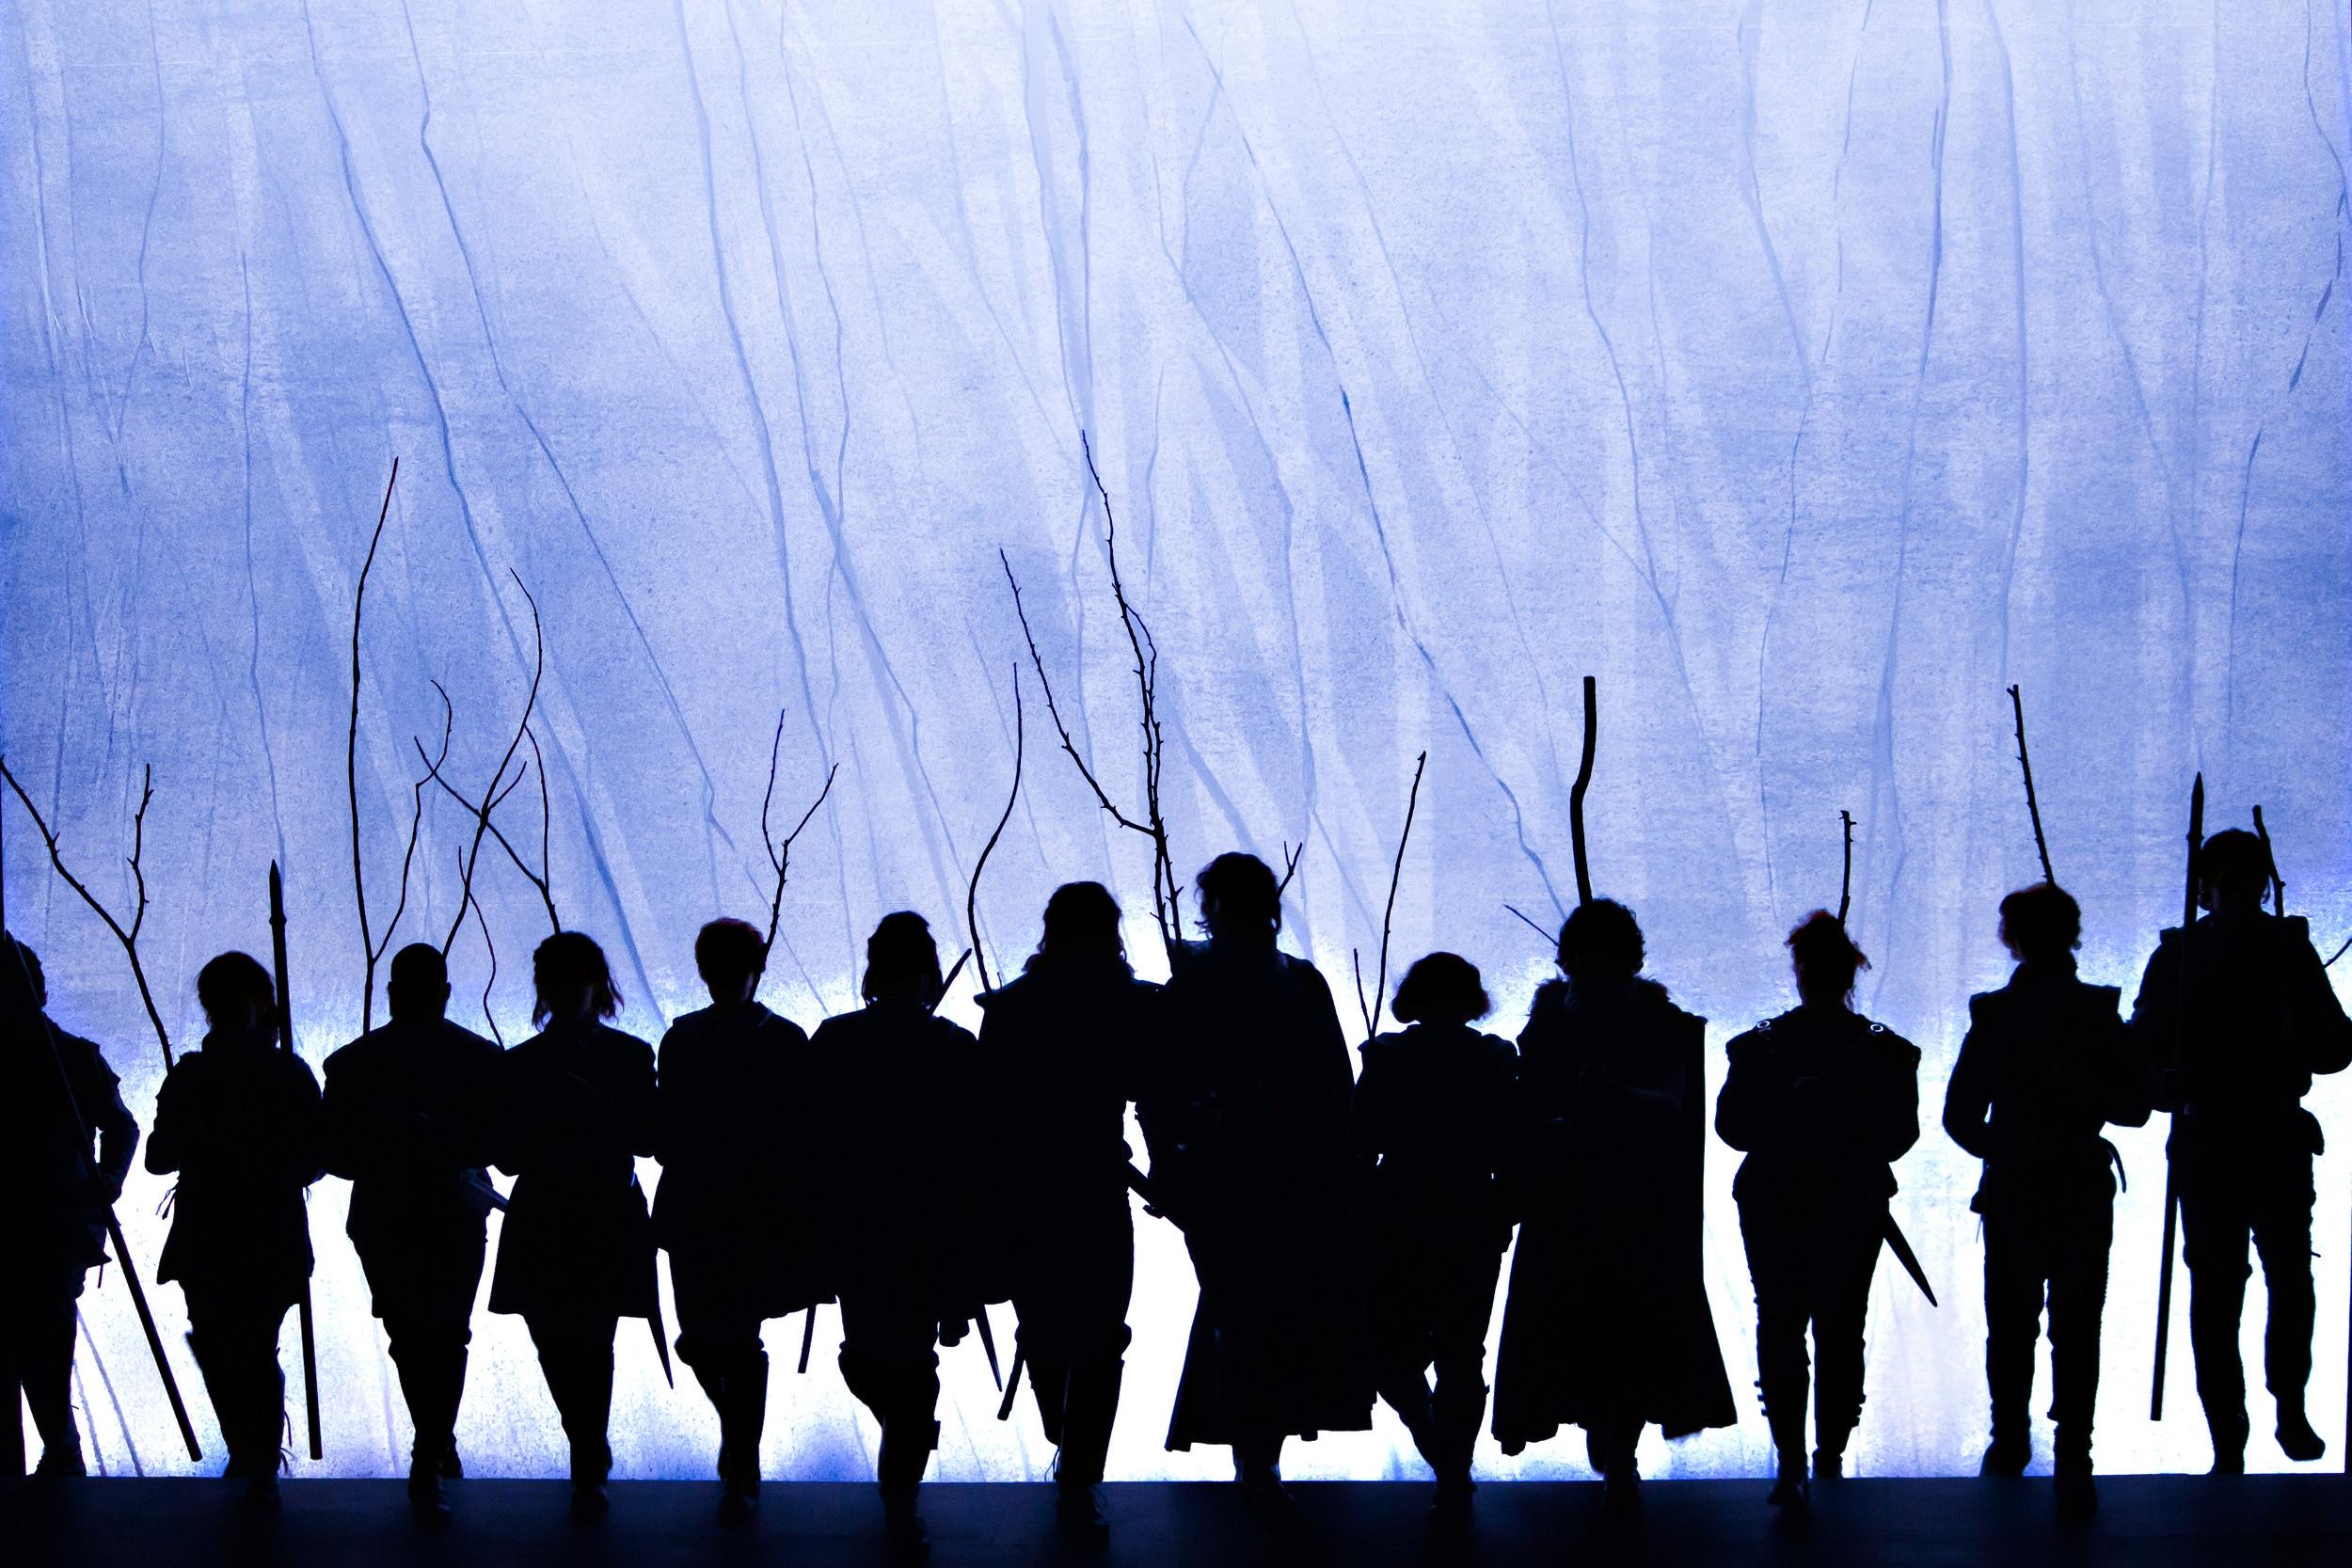 Macbeth_1.jpg